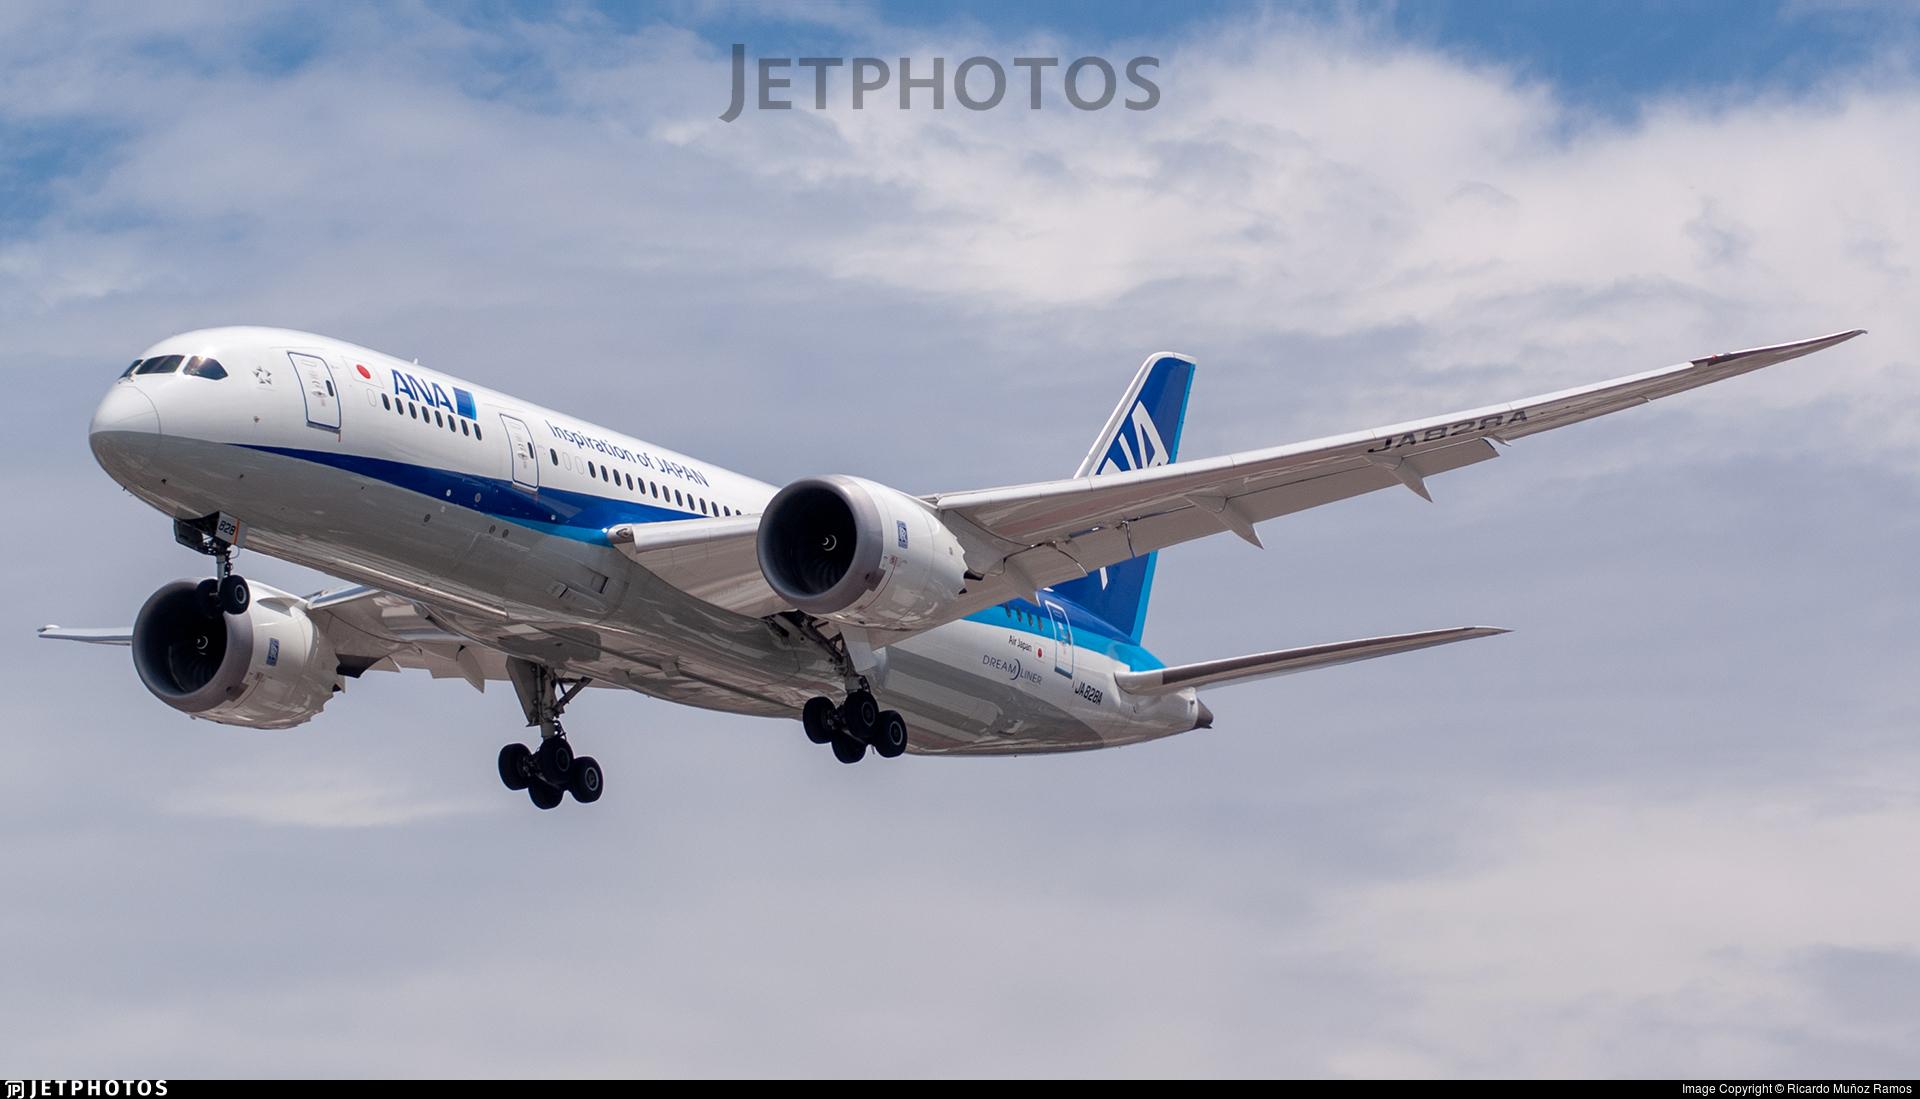 JA828A - Boeing 787-8 Dreamliner - All Nippon Airways (Air Japan)